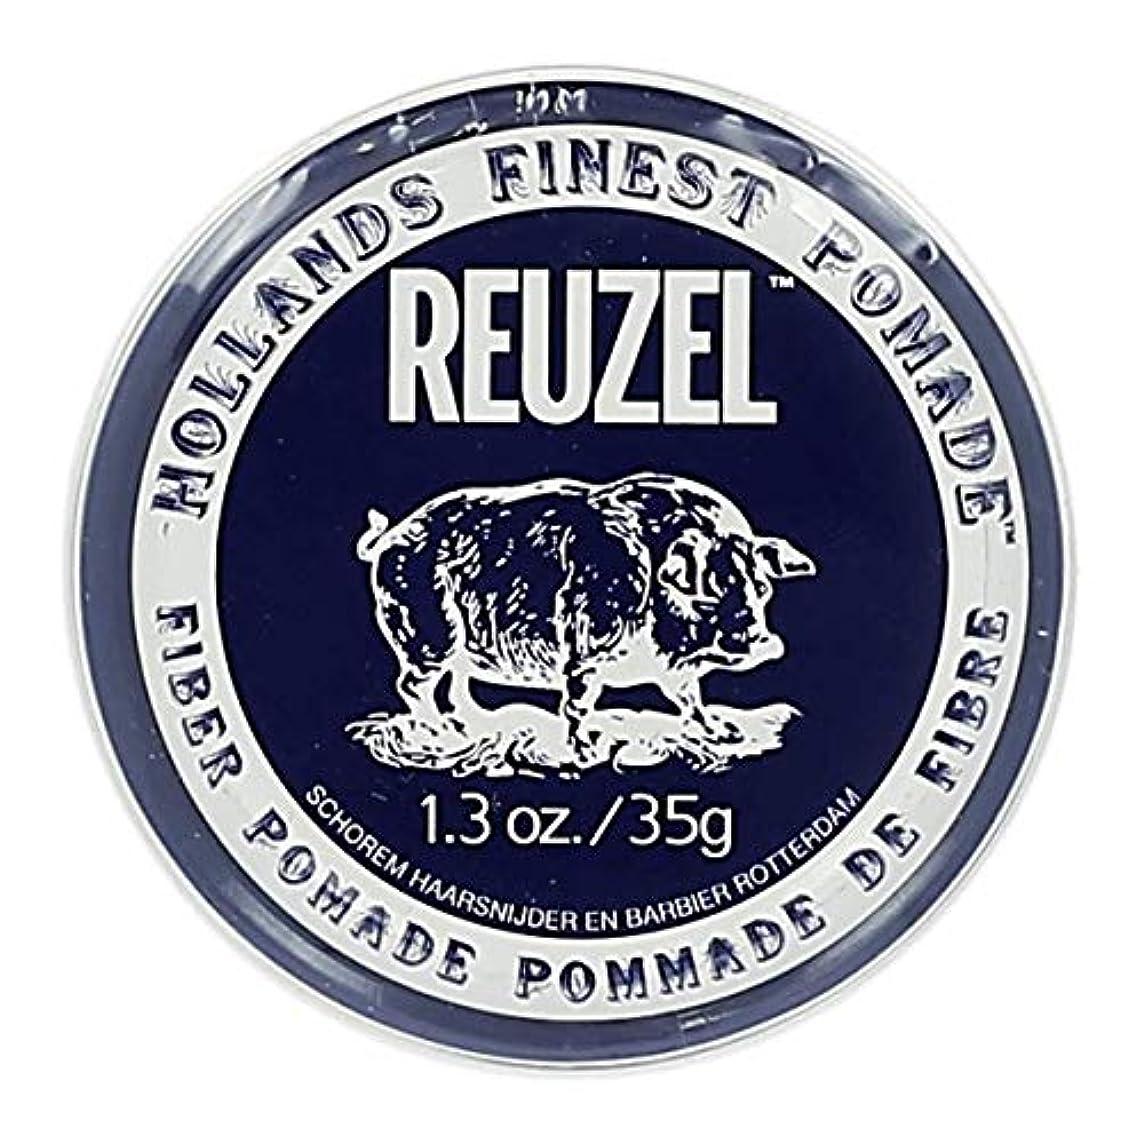 時々時々証言するパンツルーゾー ネイビー ファイバー ポマード Reuzel Navy Fiber Pomade 35 g [並行輸入品]